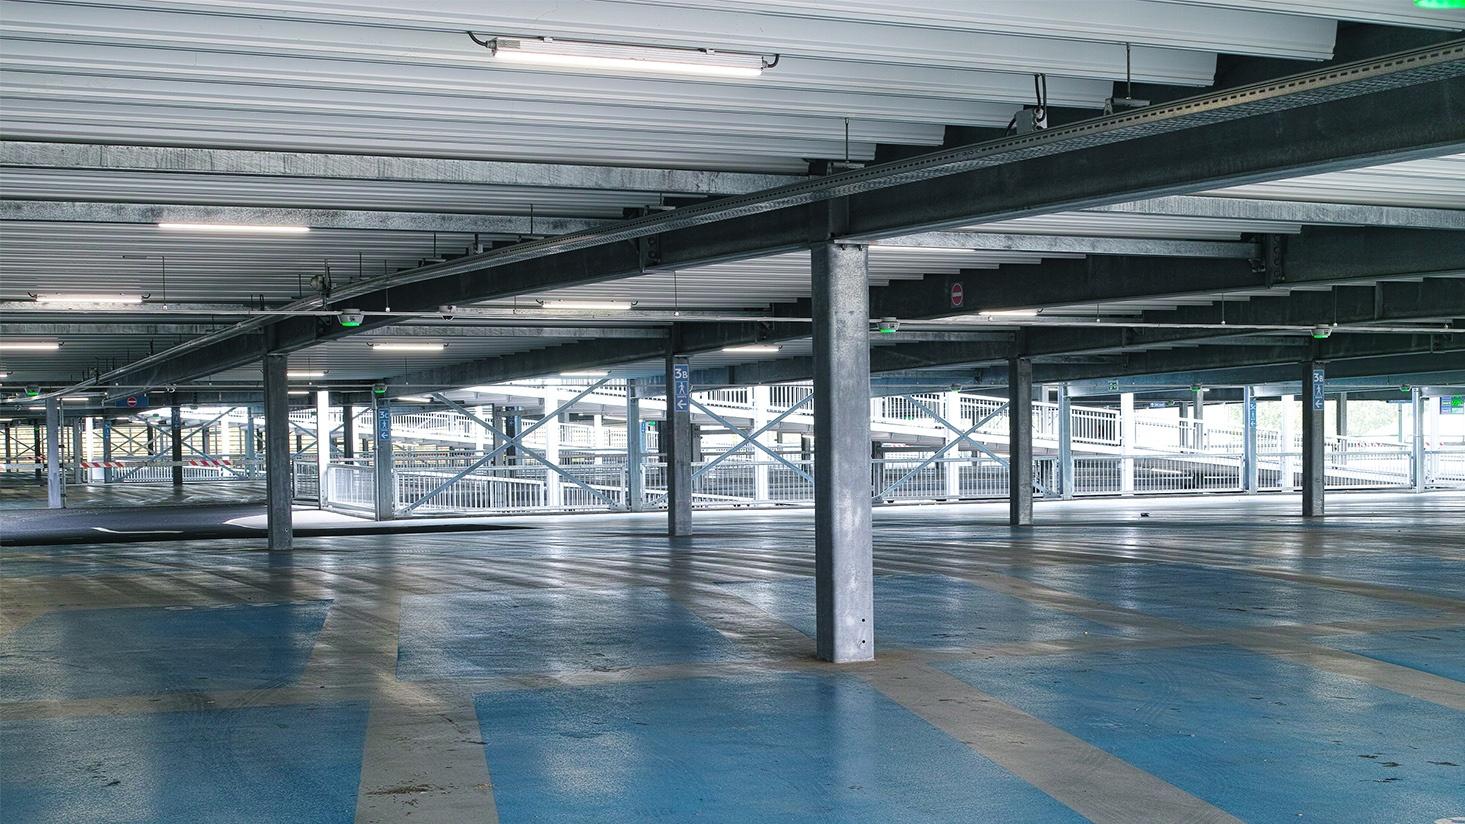 parking-garage-lighting-1